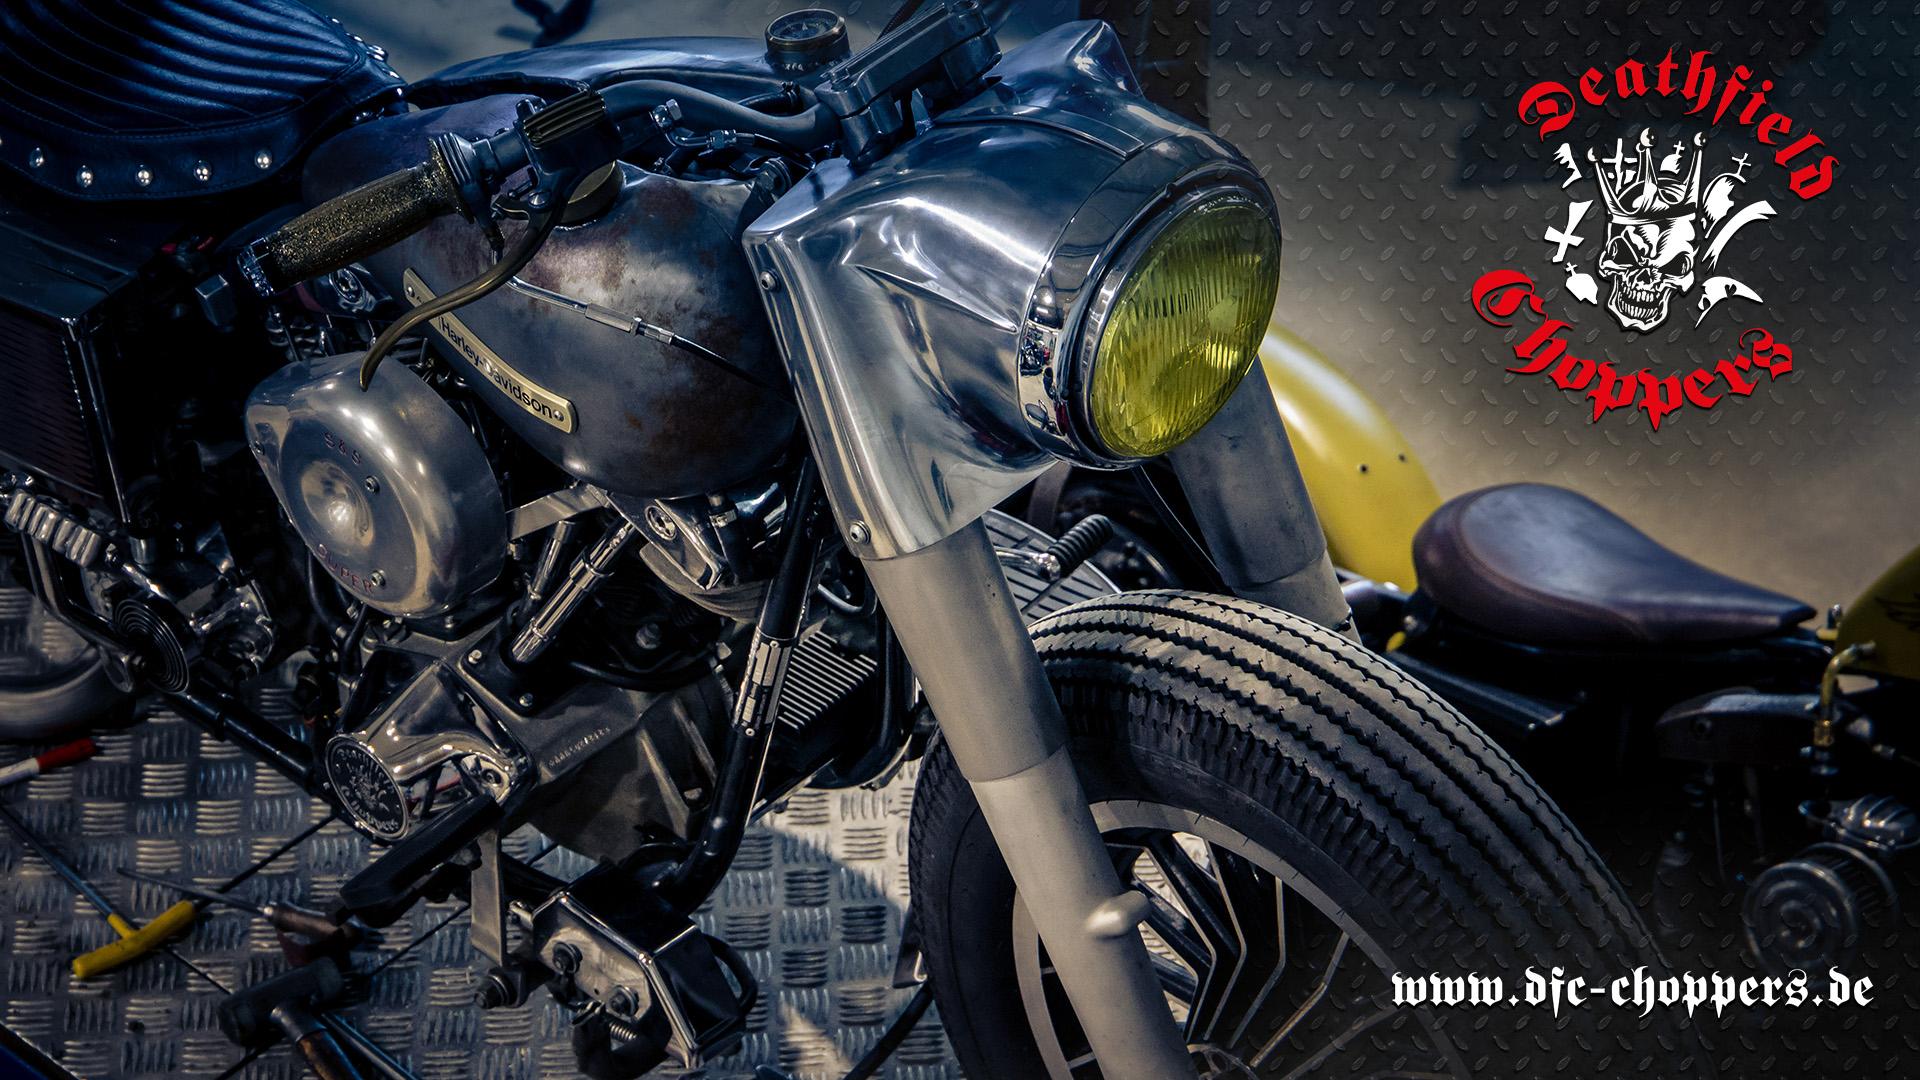 Deathfield Choppers-WallpaperHD7.jpg